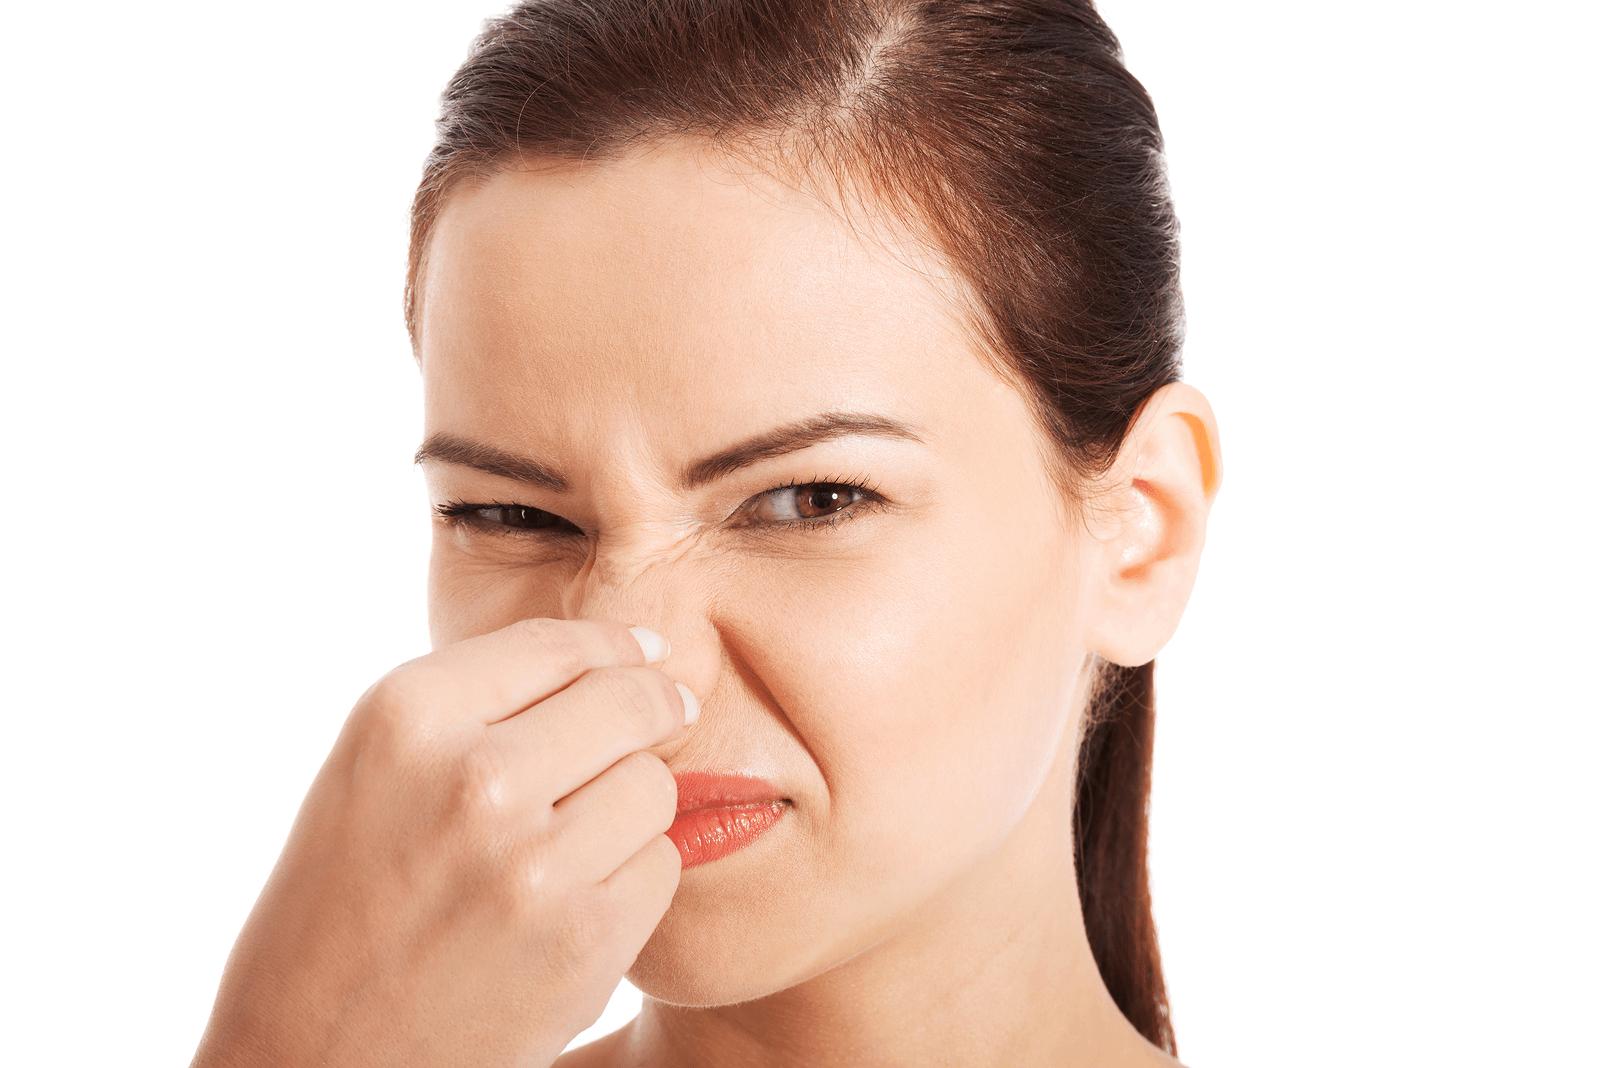 О чем свидетельствует гнойный запах из носа?